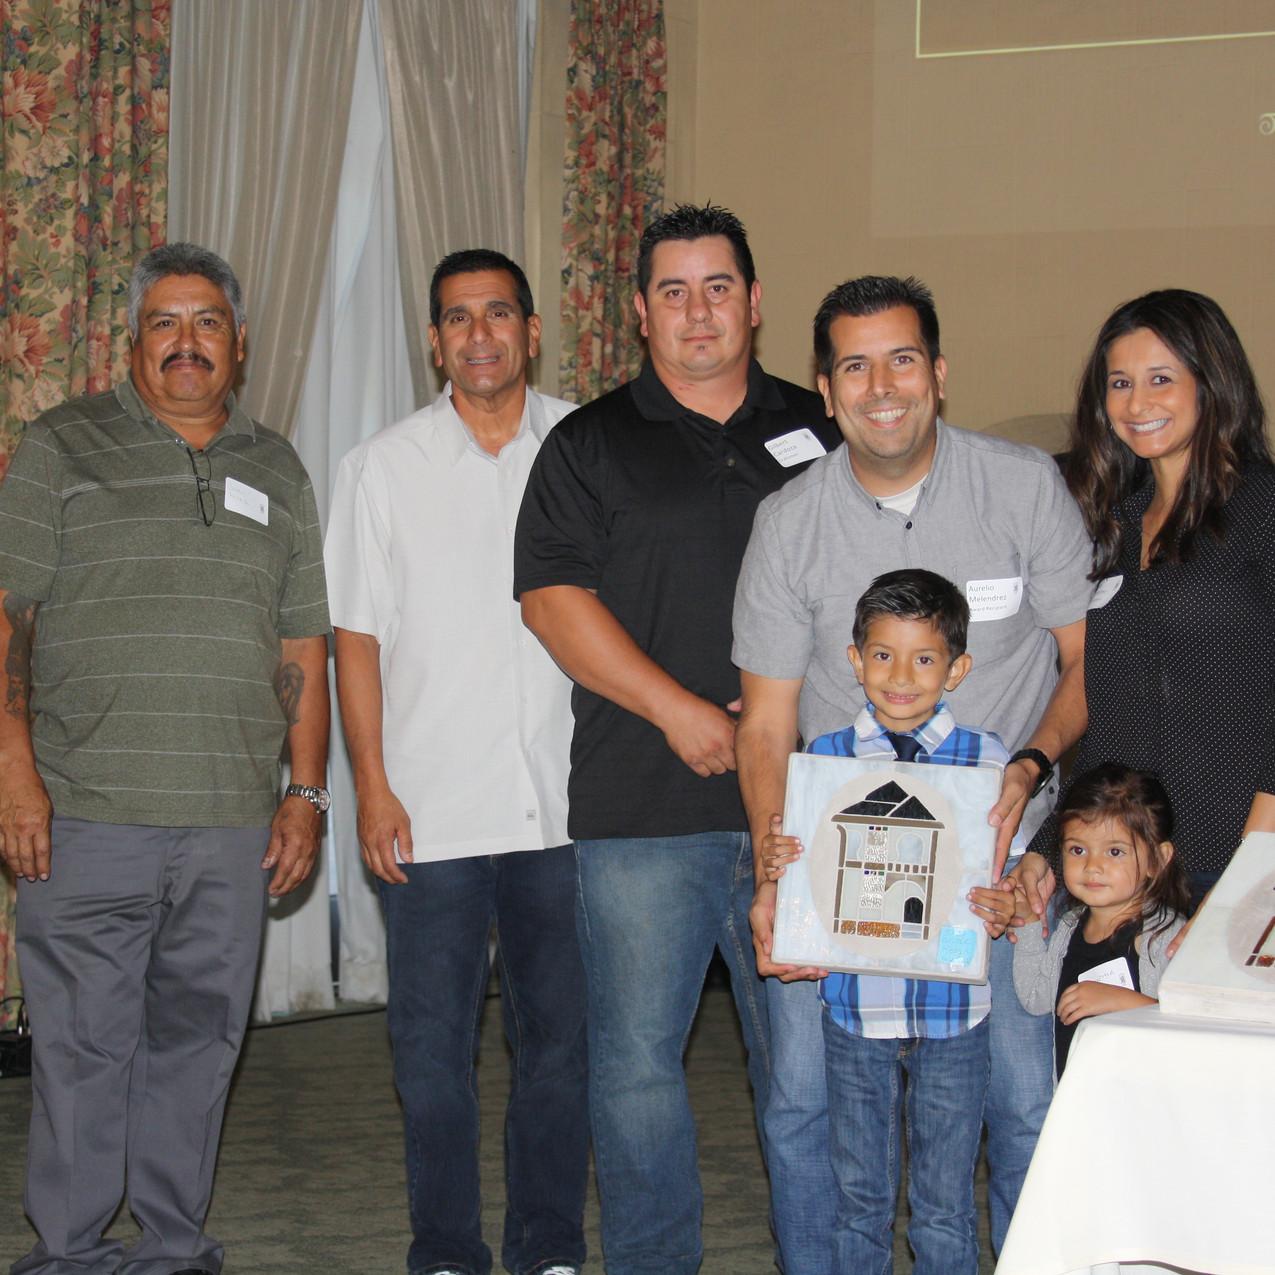 The Melendrez Family and Craftsmen